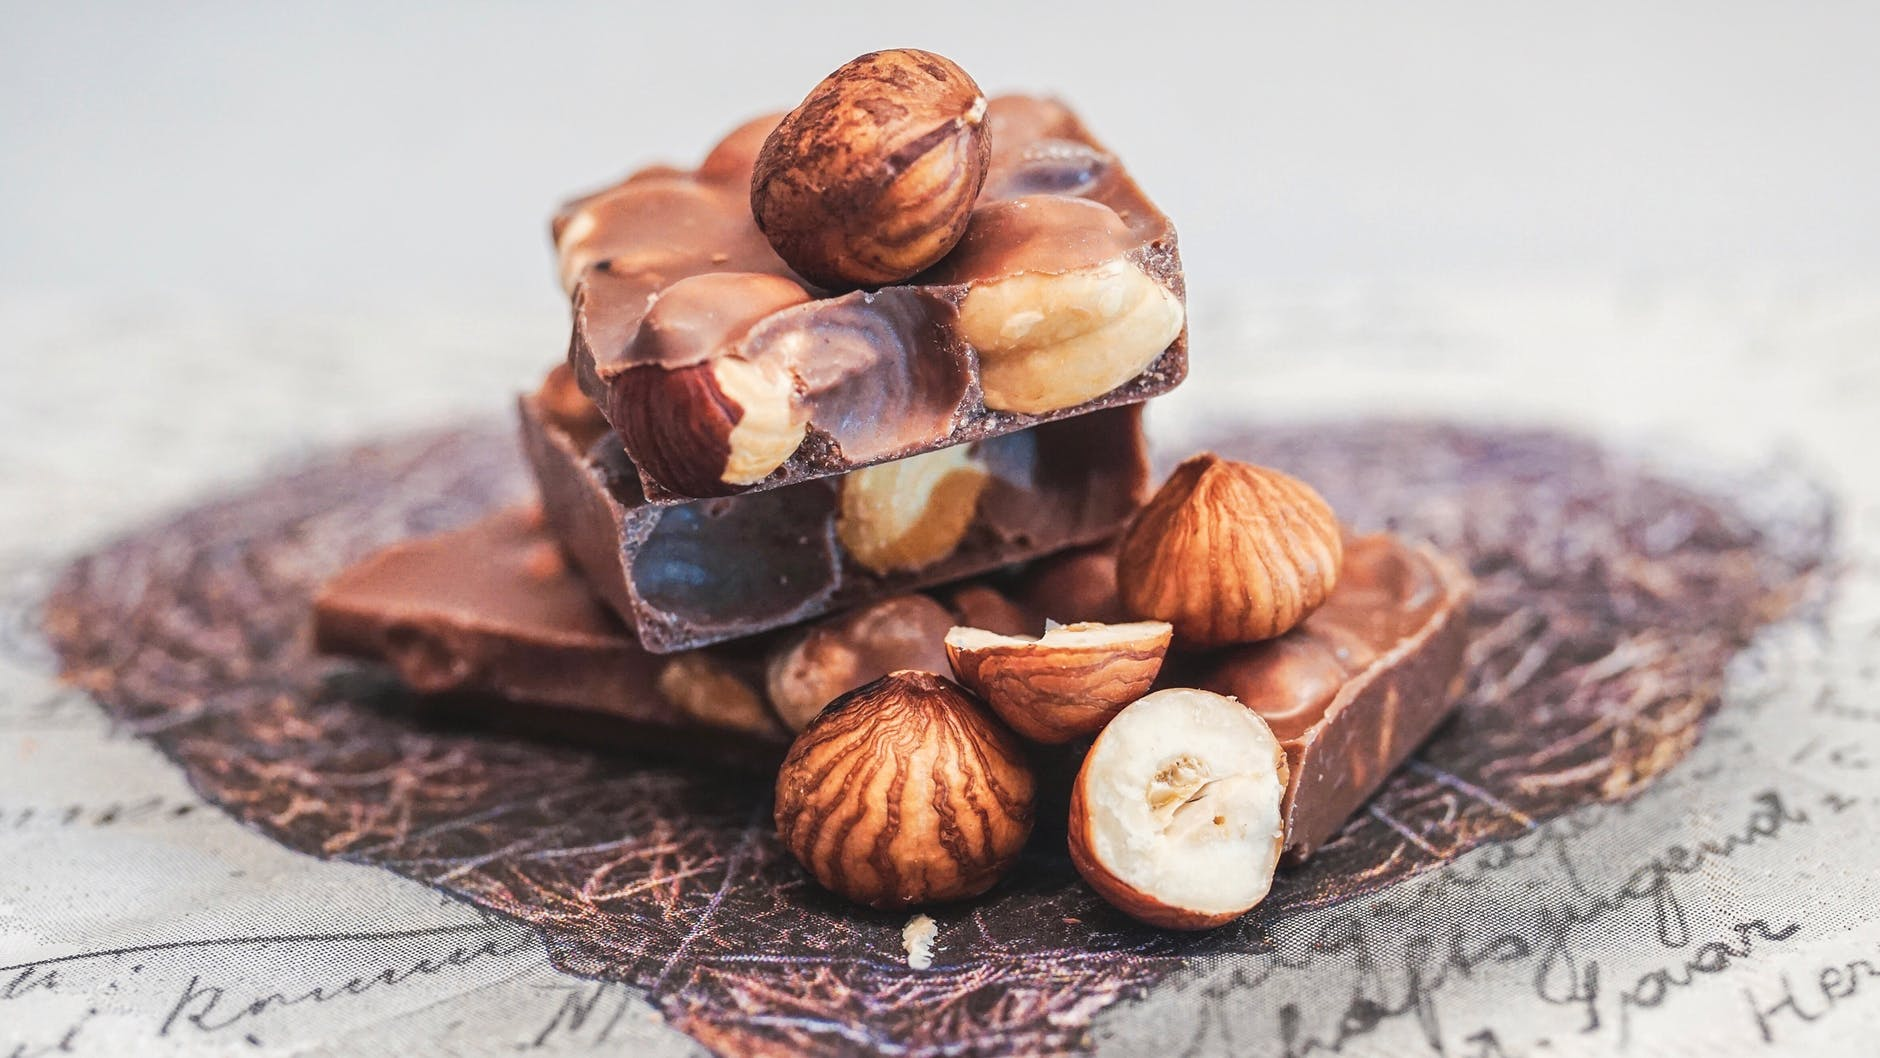 oare sa renunt la ciocolata?